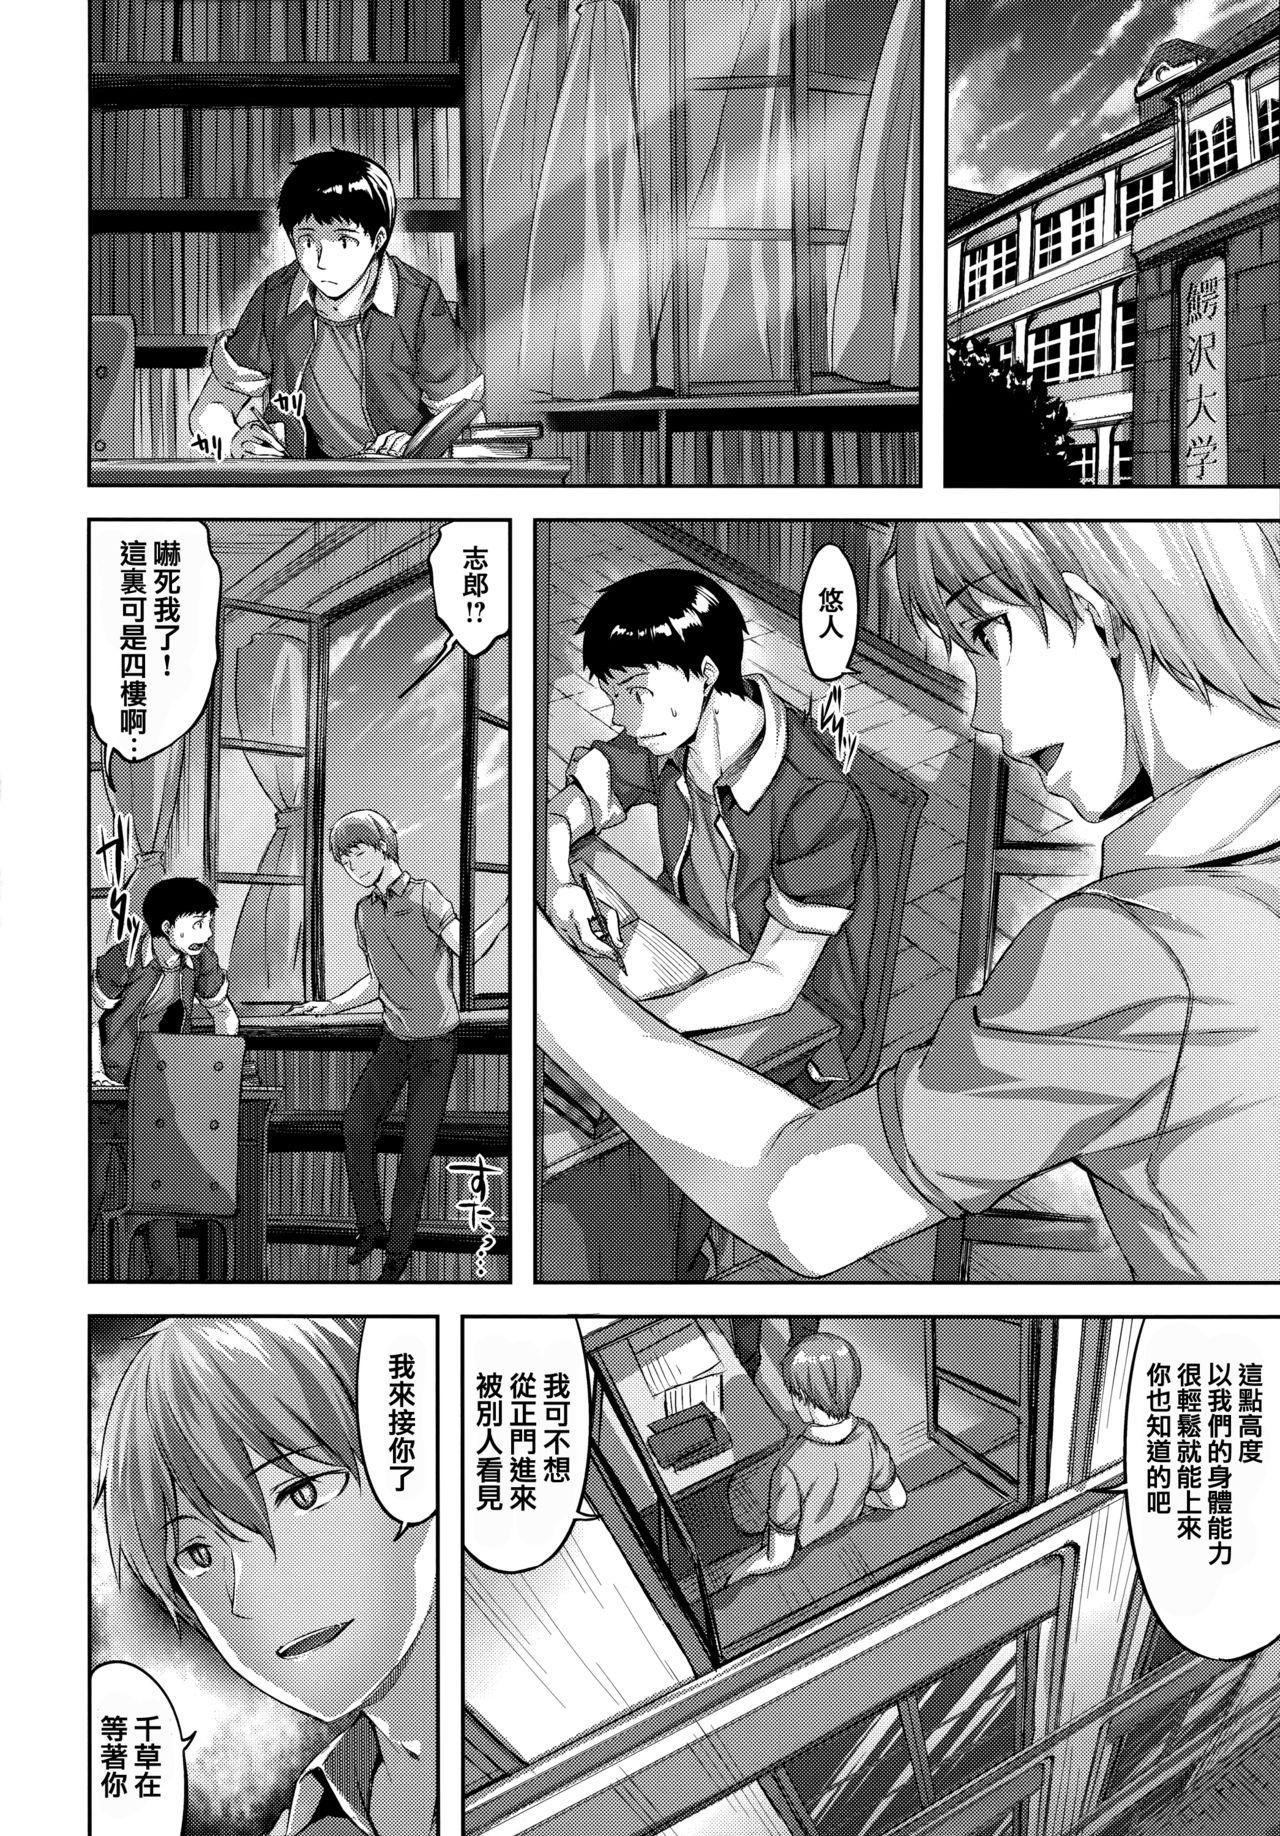 Zutto Daisuki 48